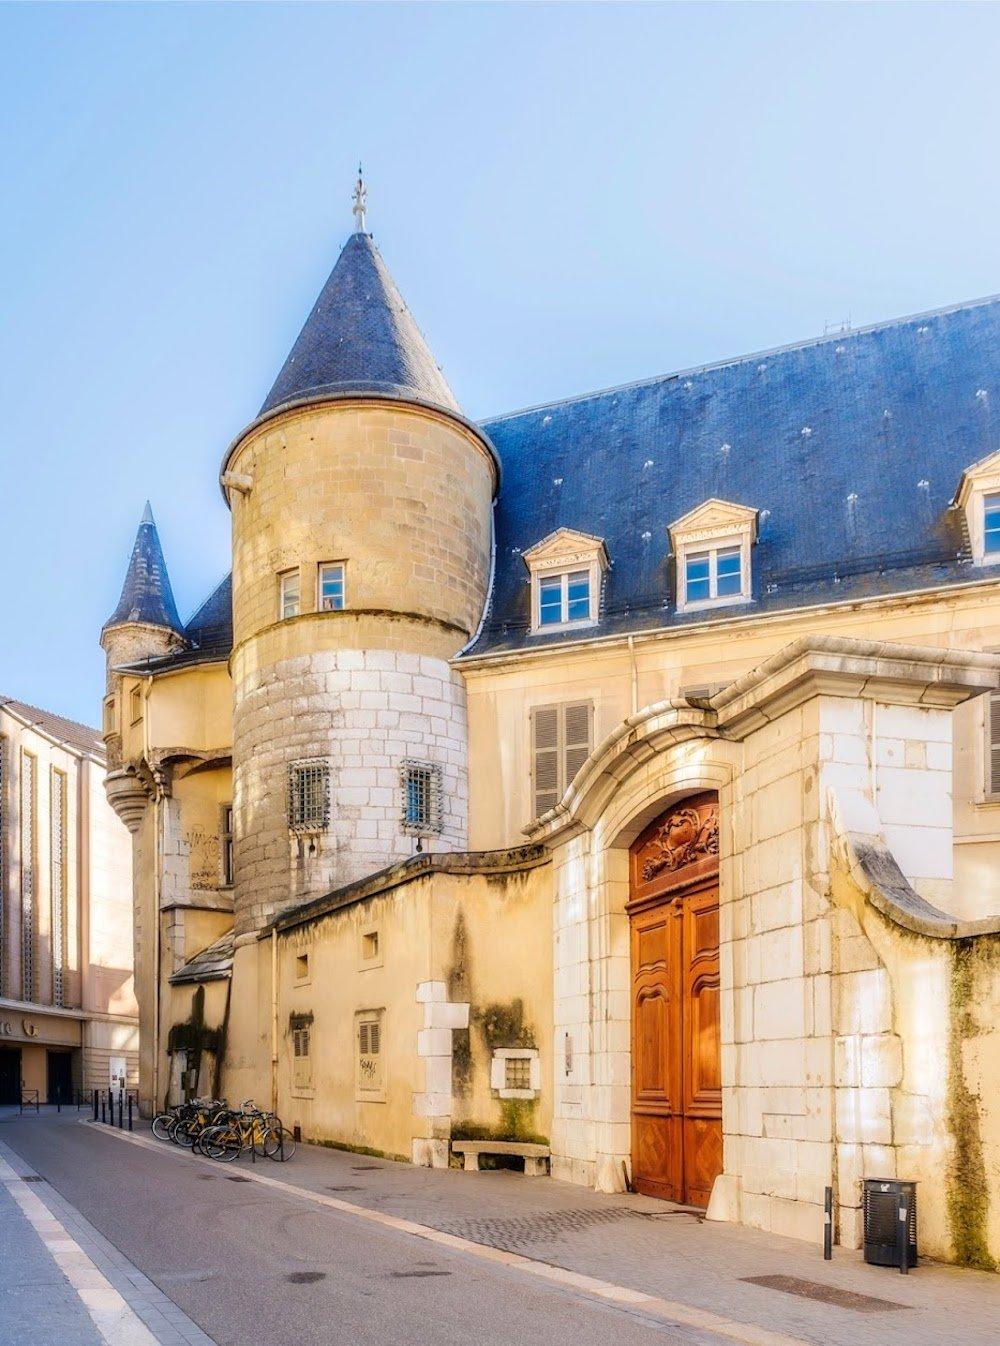 Hôtel du duc Lesdiguières, angle rue Hector Berlioz et passage du Palais de Justice, XVIIème siècle